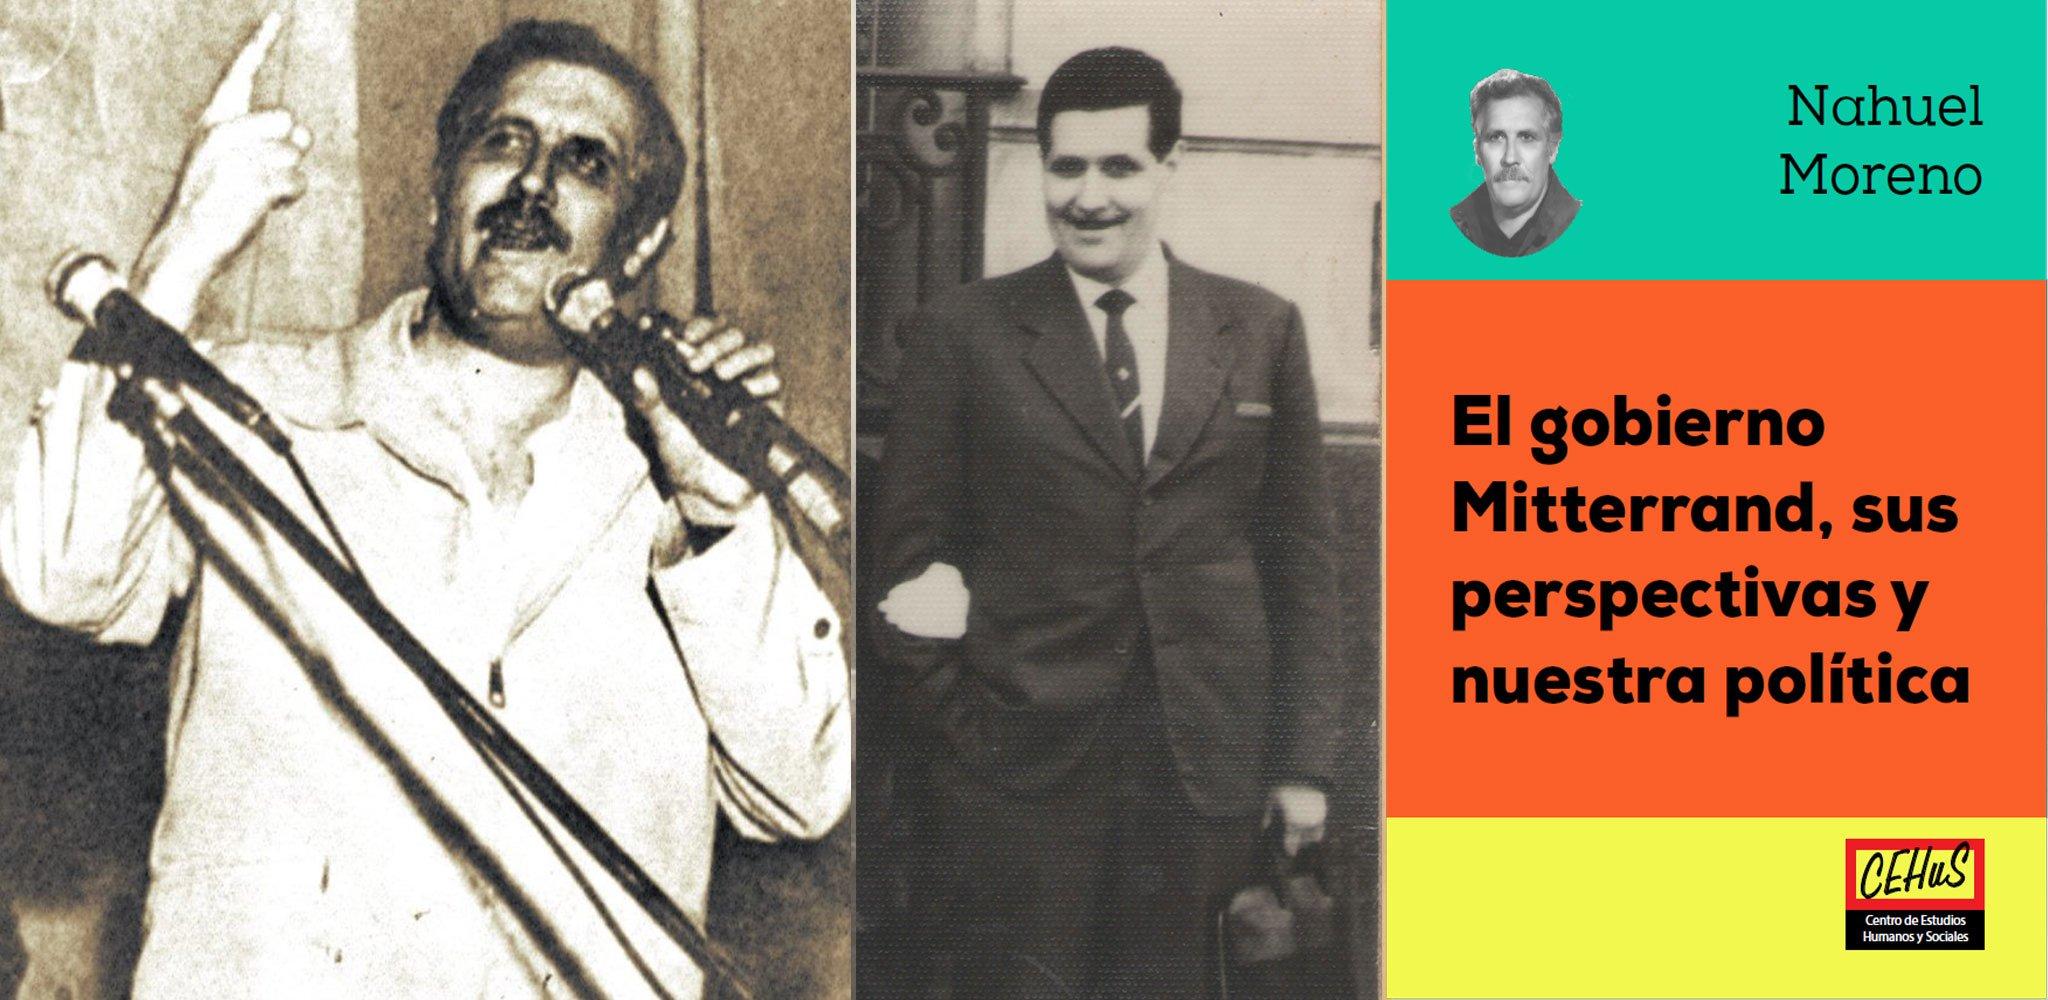 EL GOBIERNO DE MITTERRAND SUS PERSPECTIVAS Y NUESTRA POLÍTICA (1981)